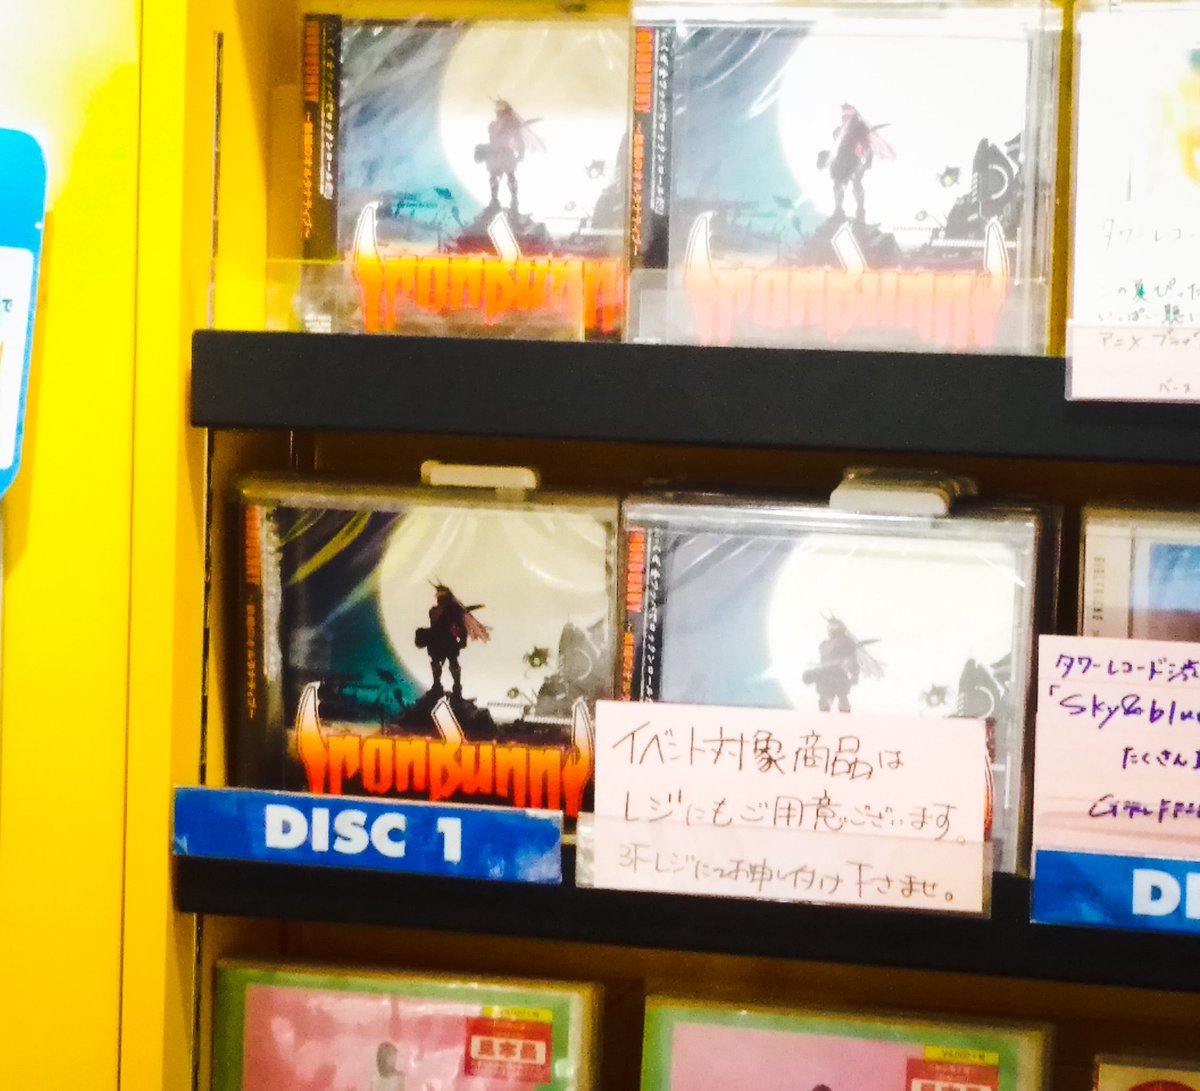 IRONBUNNY デビューミニアルバム。 近所のタワレコに在庫なく、店員さんに調べてもらったら、札幌・渋谷・新宿にはあるそうです(東北地方は全滅😖) 渋谷タワレコ3Fでようやくゲット!  #IRONBUNNY #鉄槌のオルタナティブ #WarrenDeMartini #DougAldrich #GeorgeLynch   #ハードロックユニット